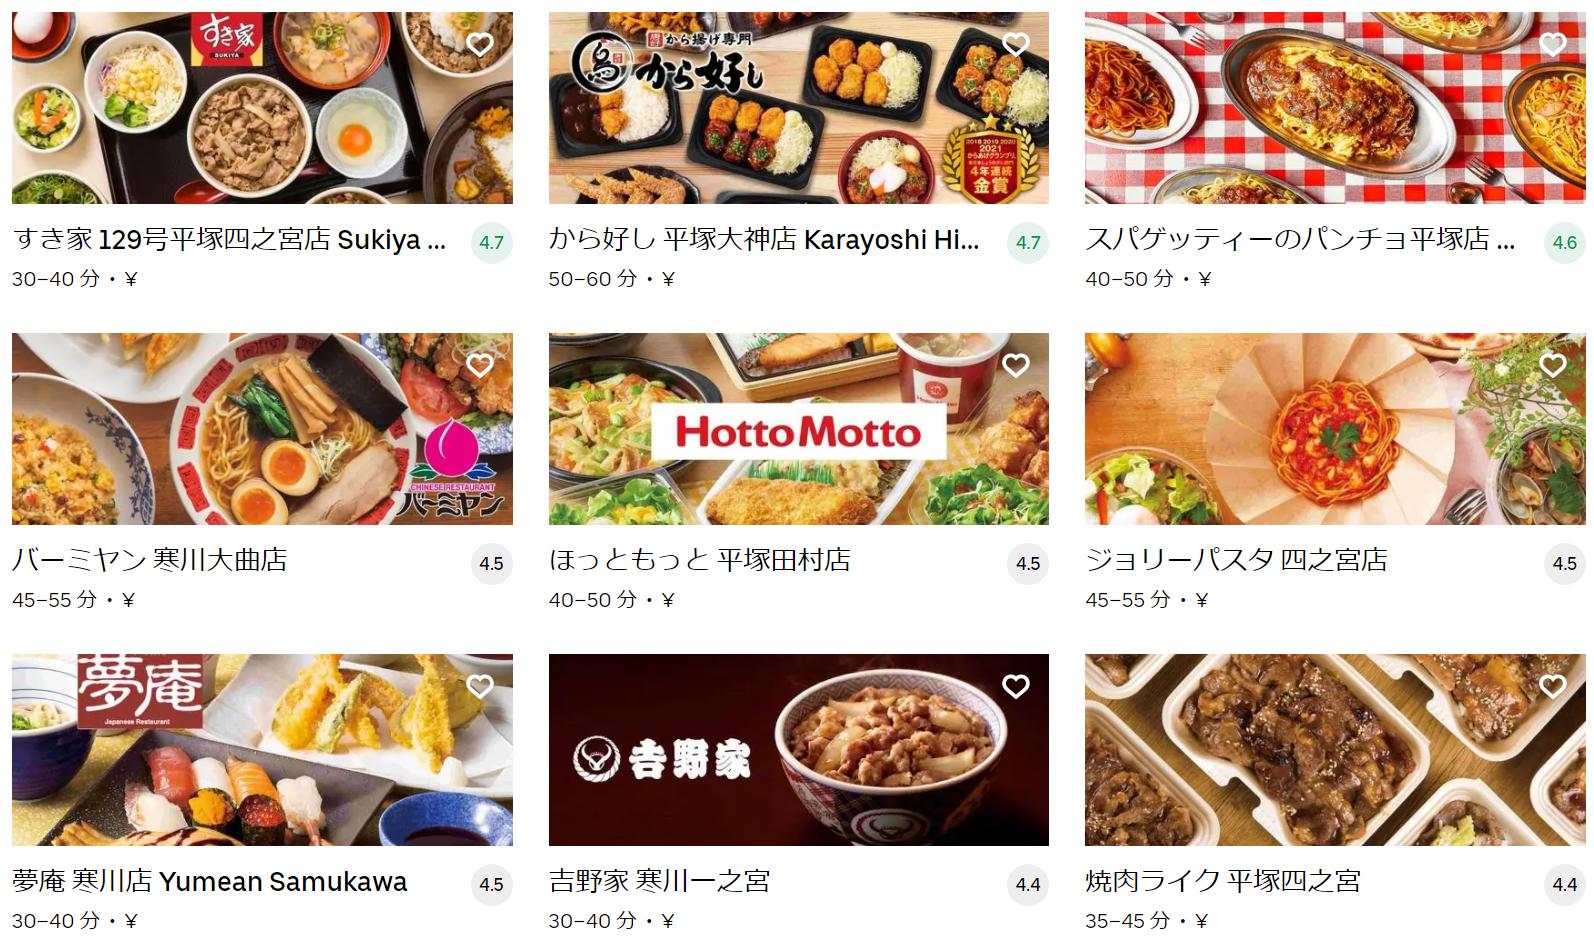 寒川市エリアのおすすめUber Eats(ウーバーイーツ)メニュー